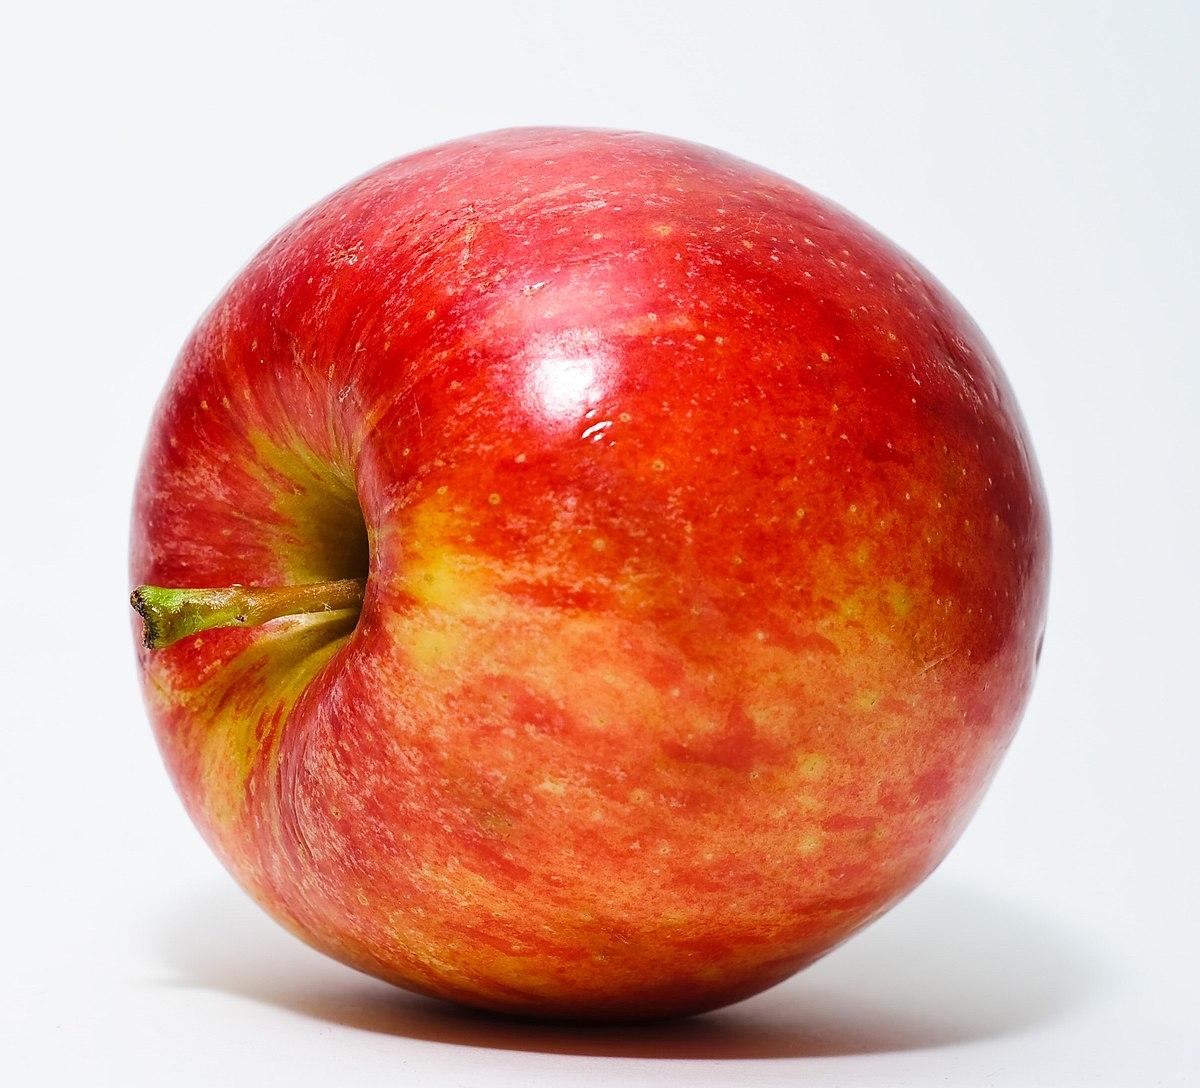 リンゴの画像 p1_32